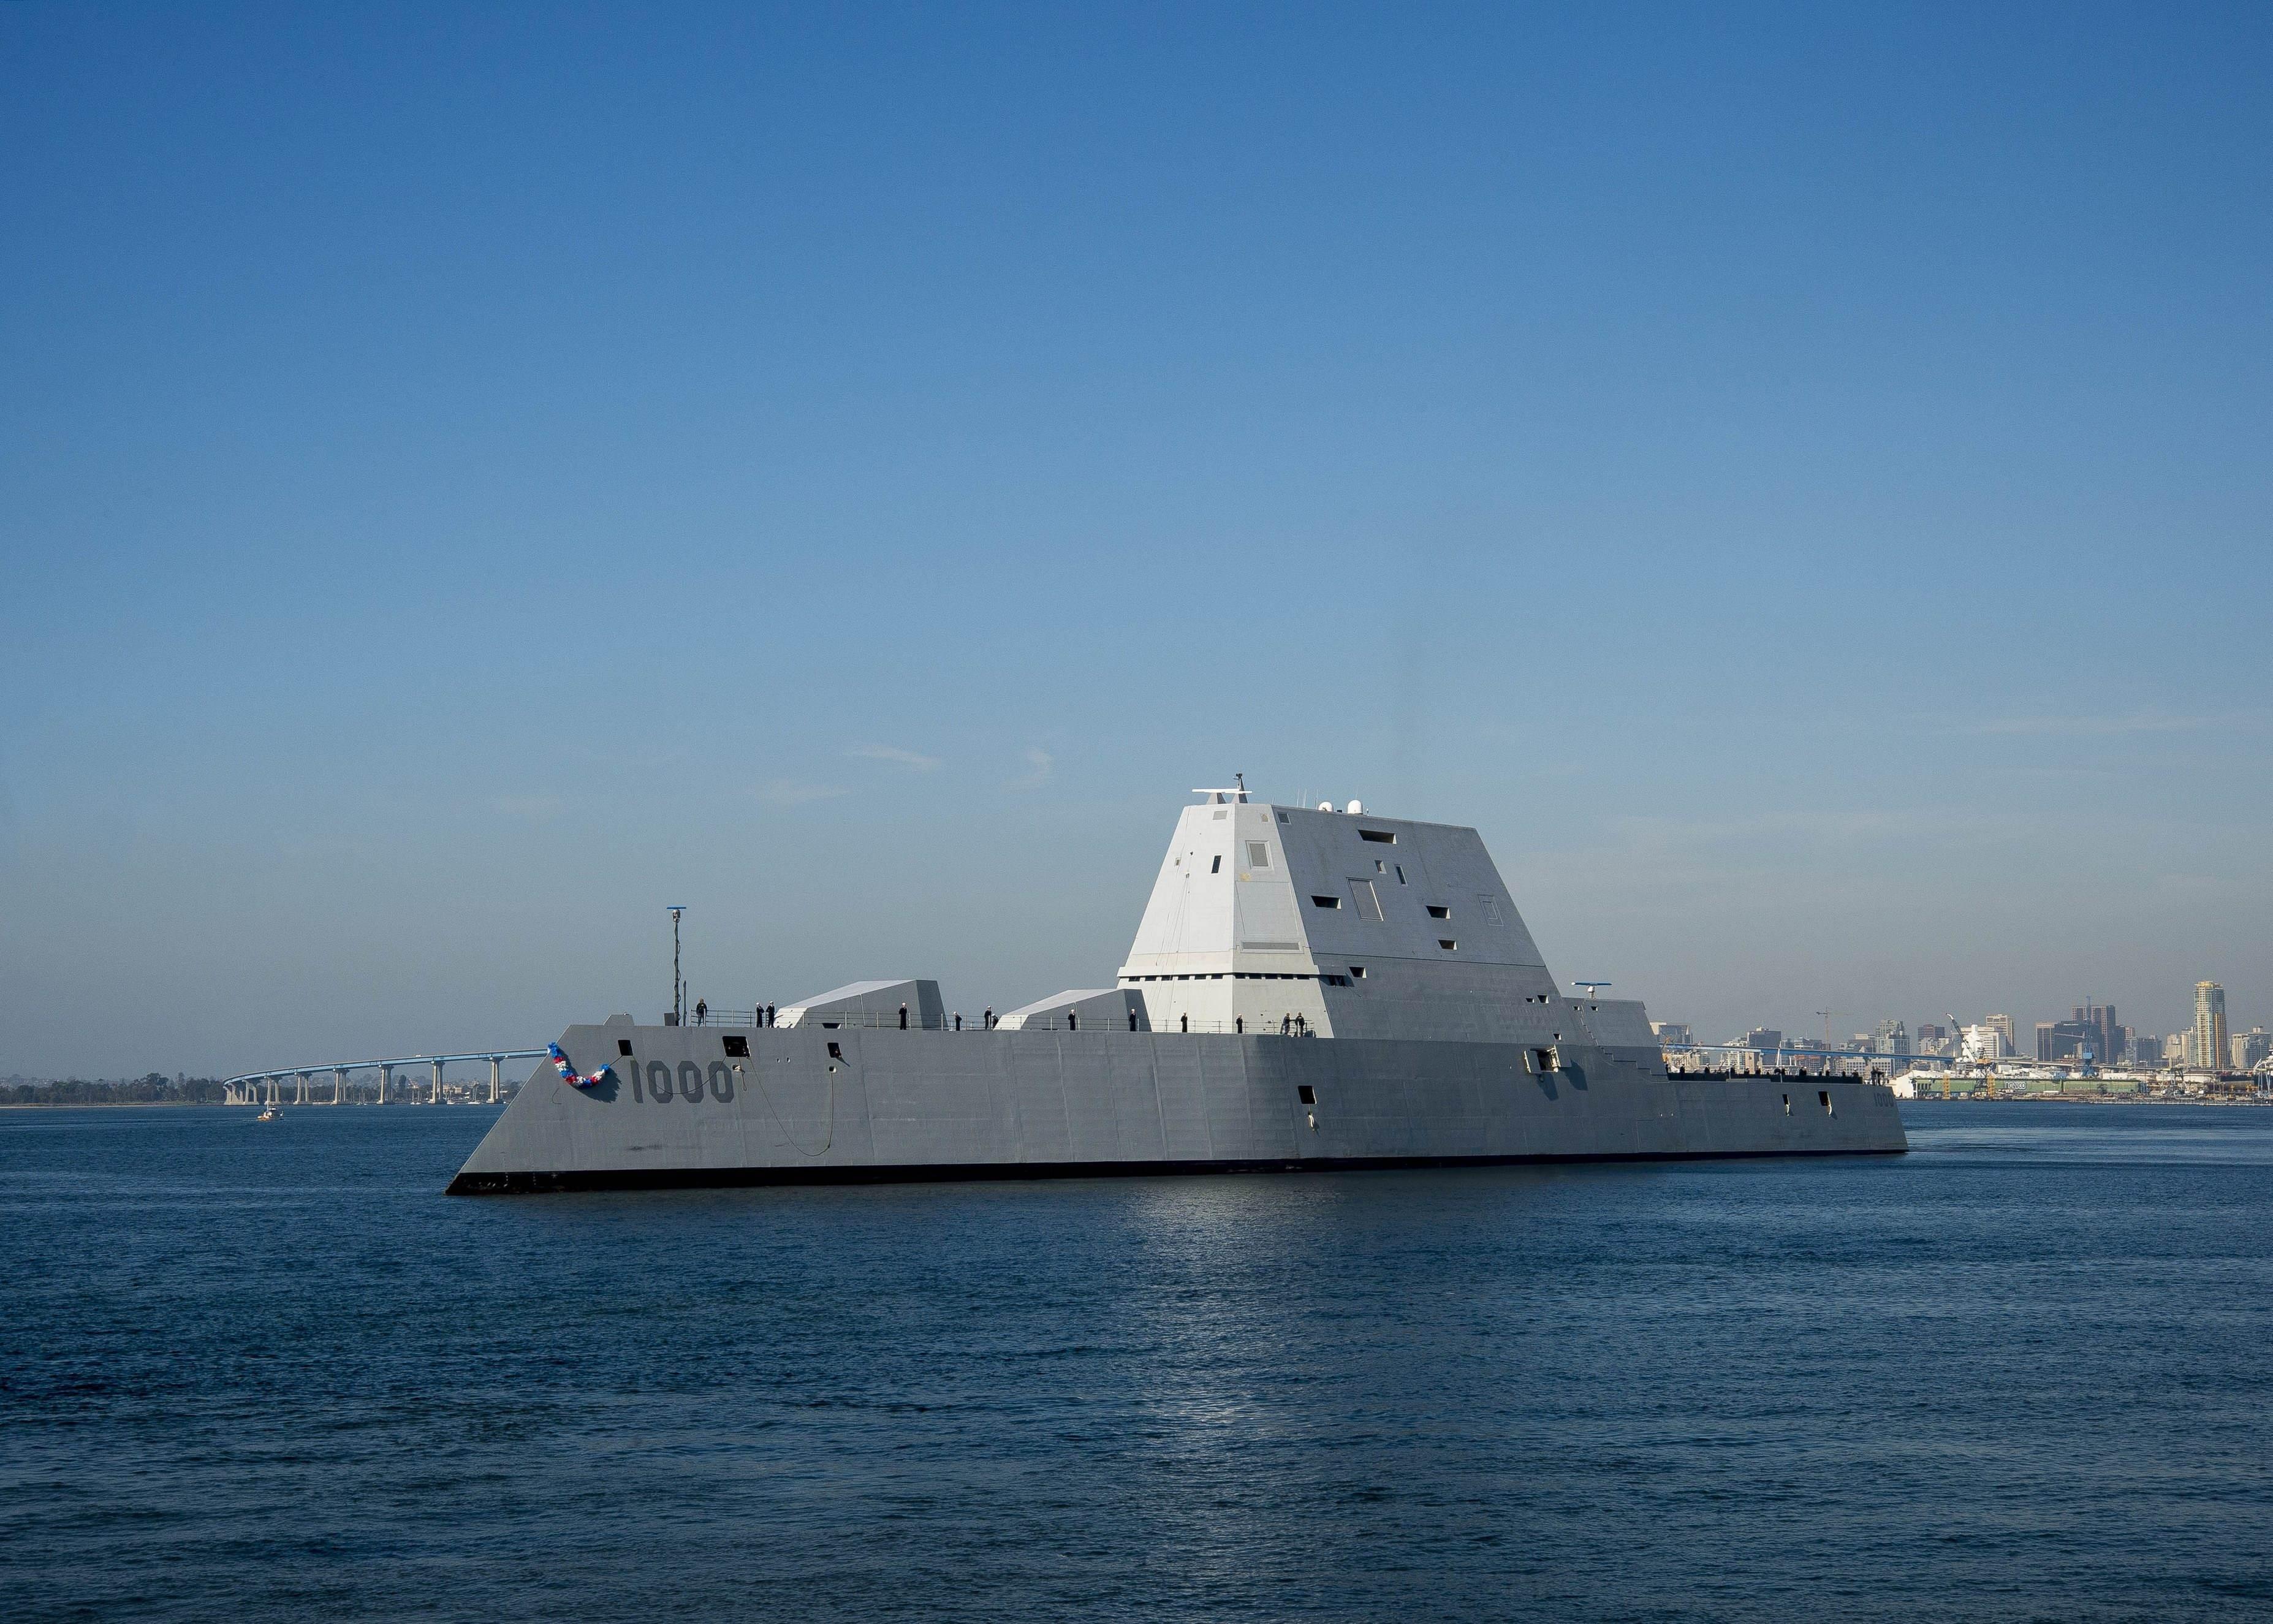 被中国055舰的进度吓到了?美军称要造更大巡洋舰